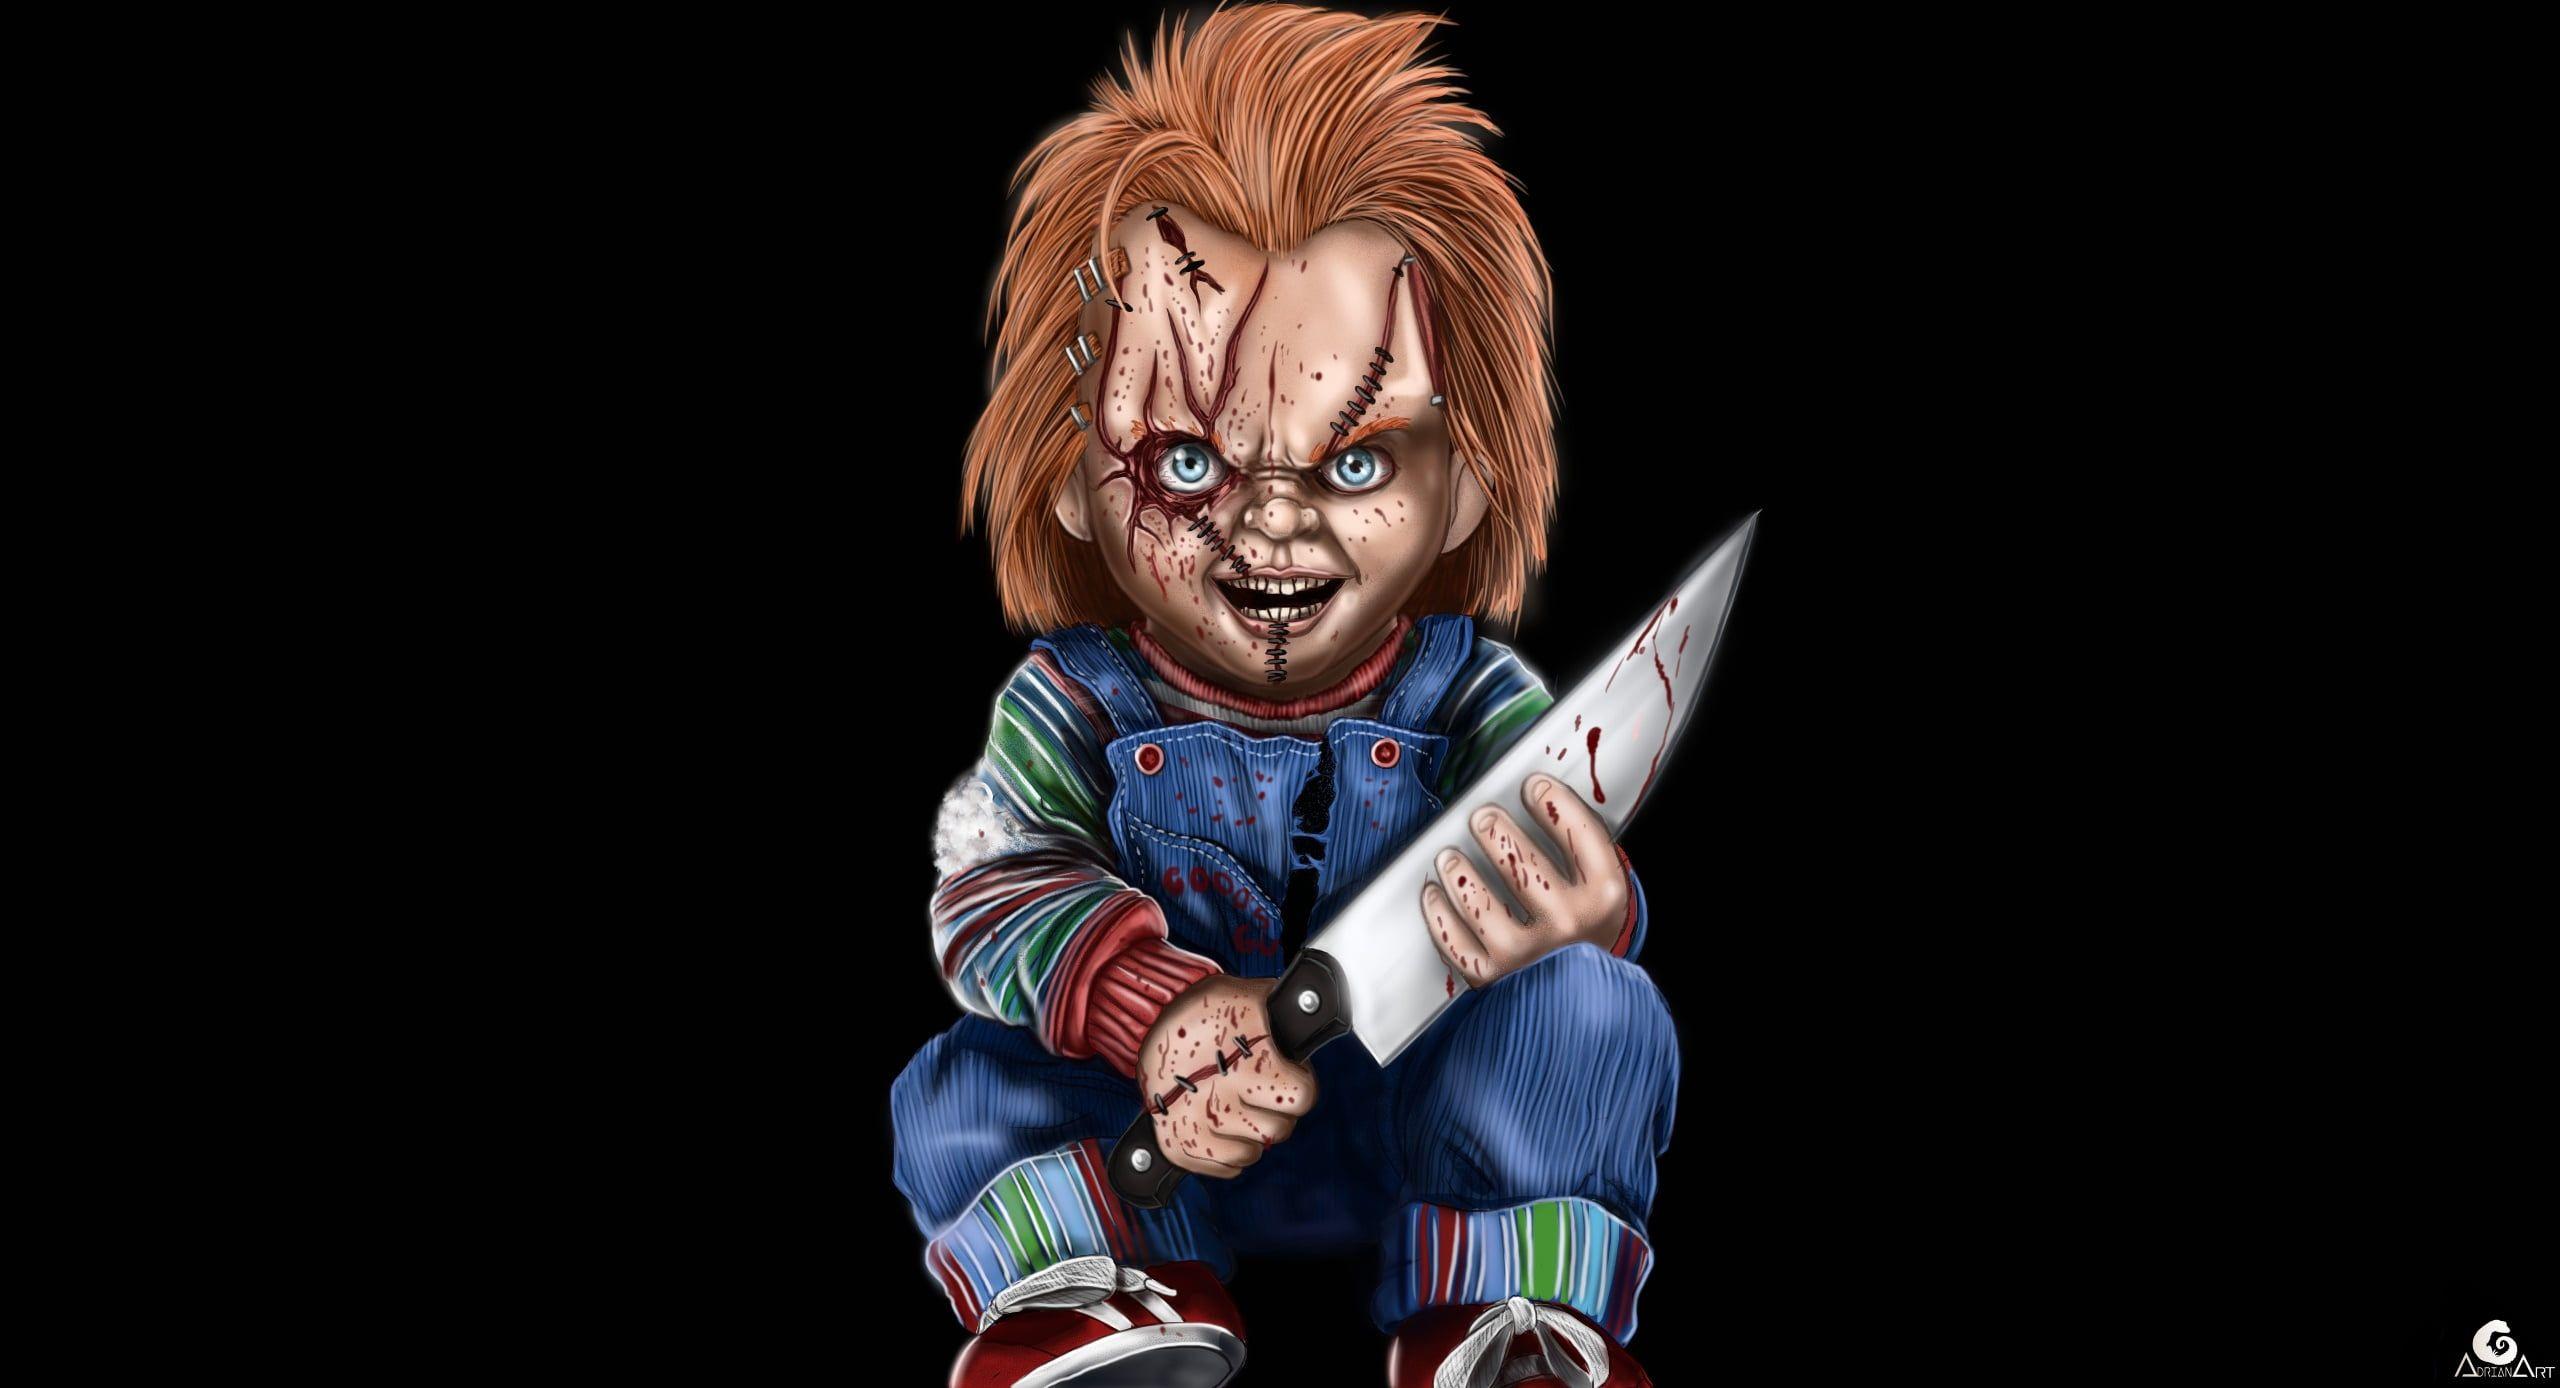 Horror Chucky Puppets Knife 2k Wallpaper Hdwallpaper Desktop In 2020 Character Wallpaper Billy The Puppet Chucky